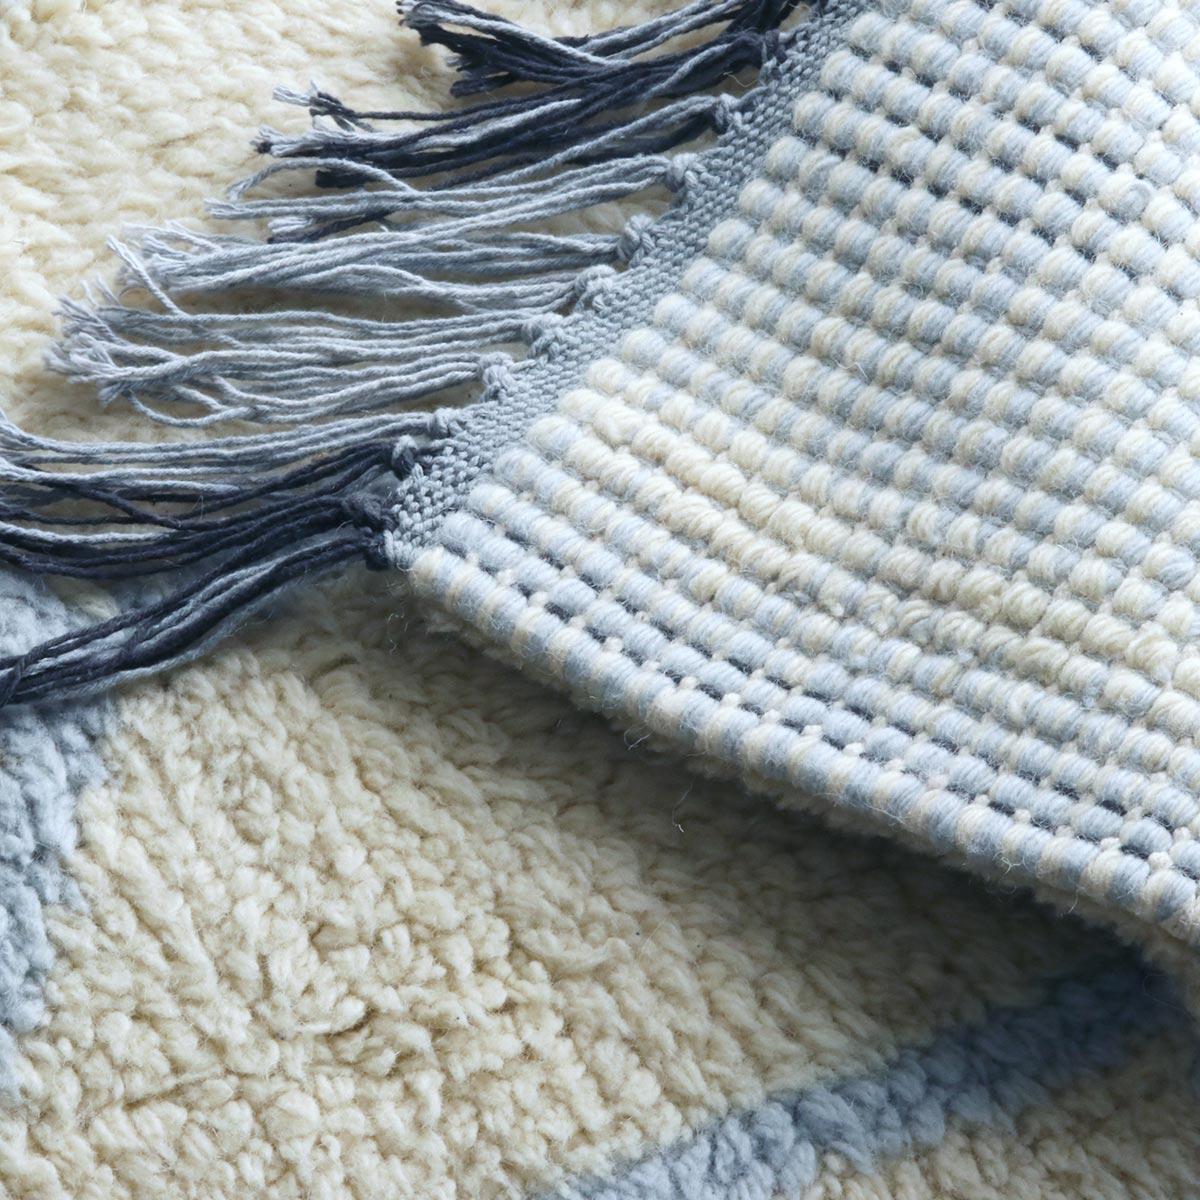 床暖&ホットカーペット対応。オールシーズンお使いいただけます。